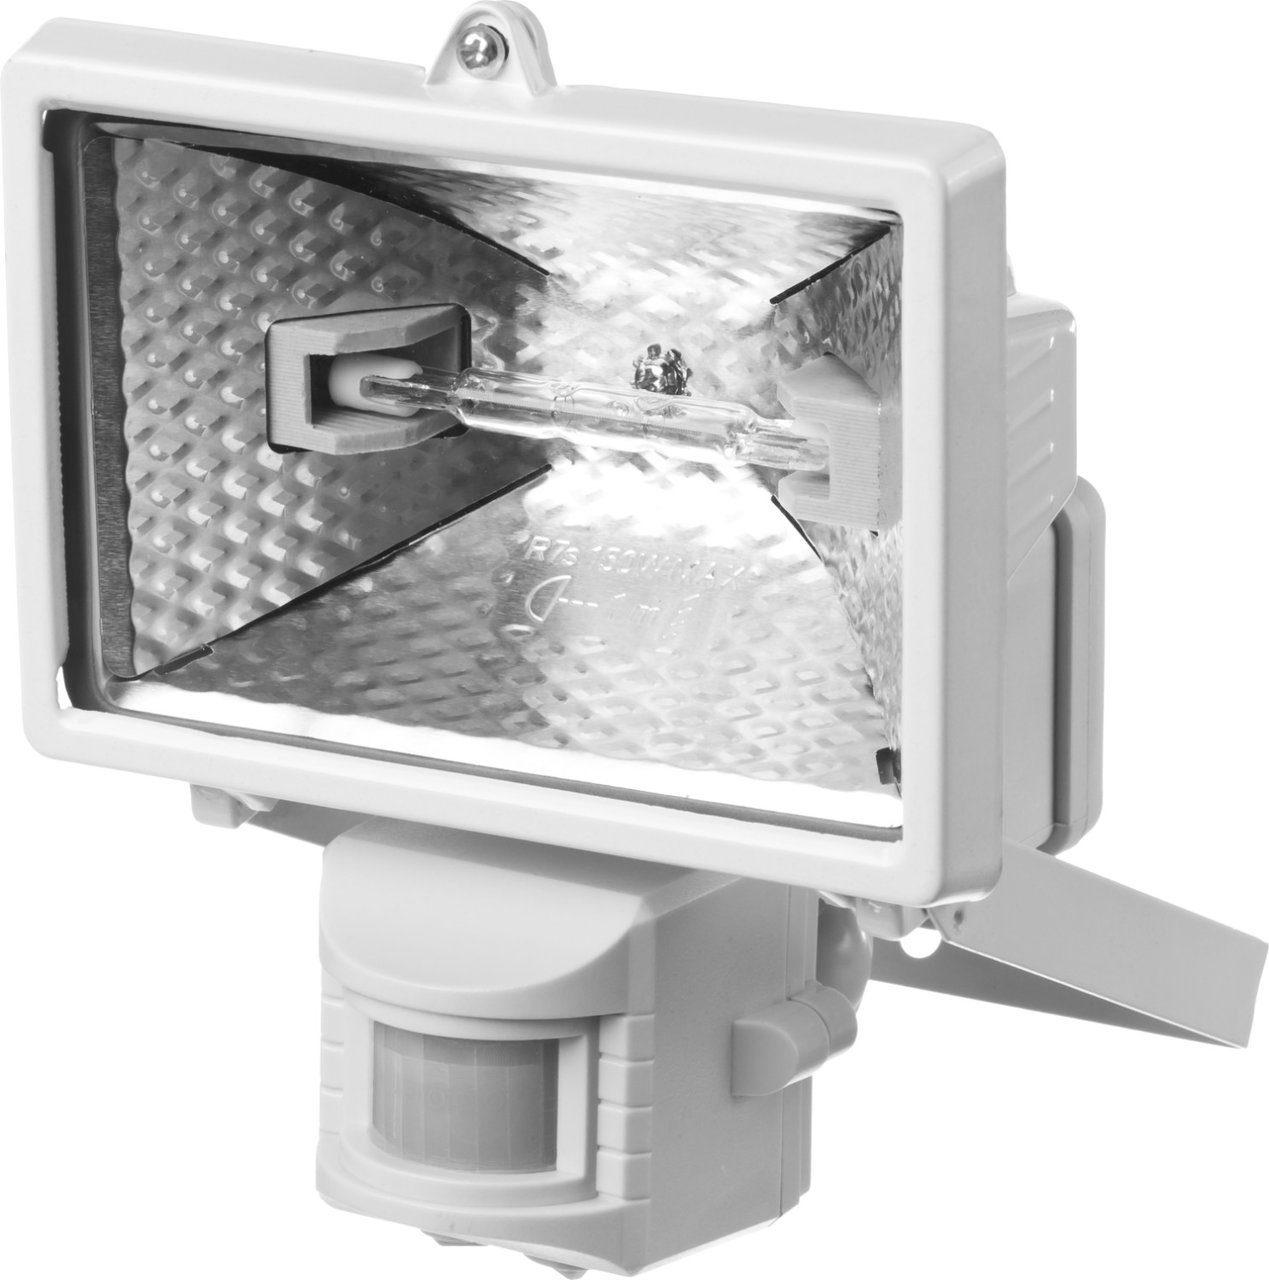 Прожектор с датчиком движения — особенности выбора, принцип работы и подключение